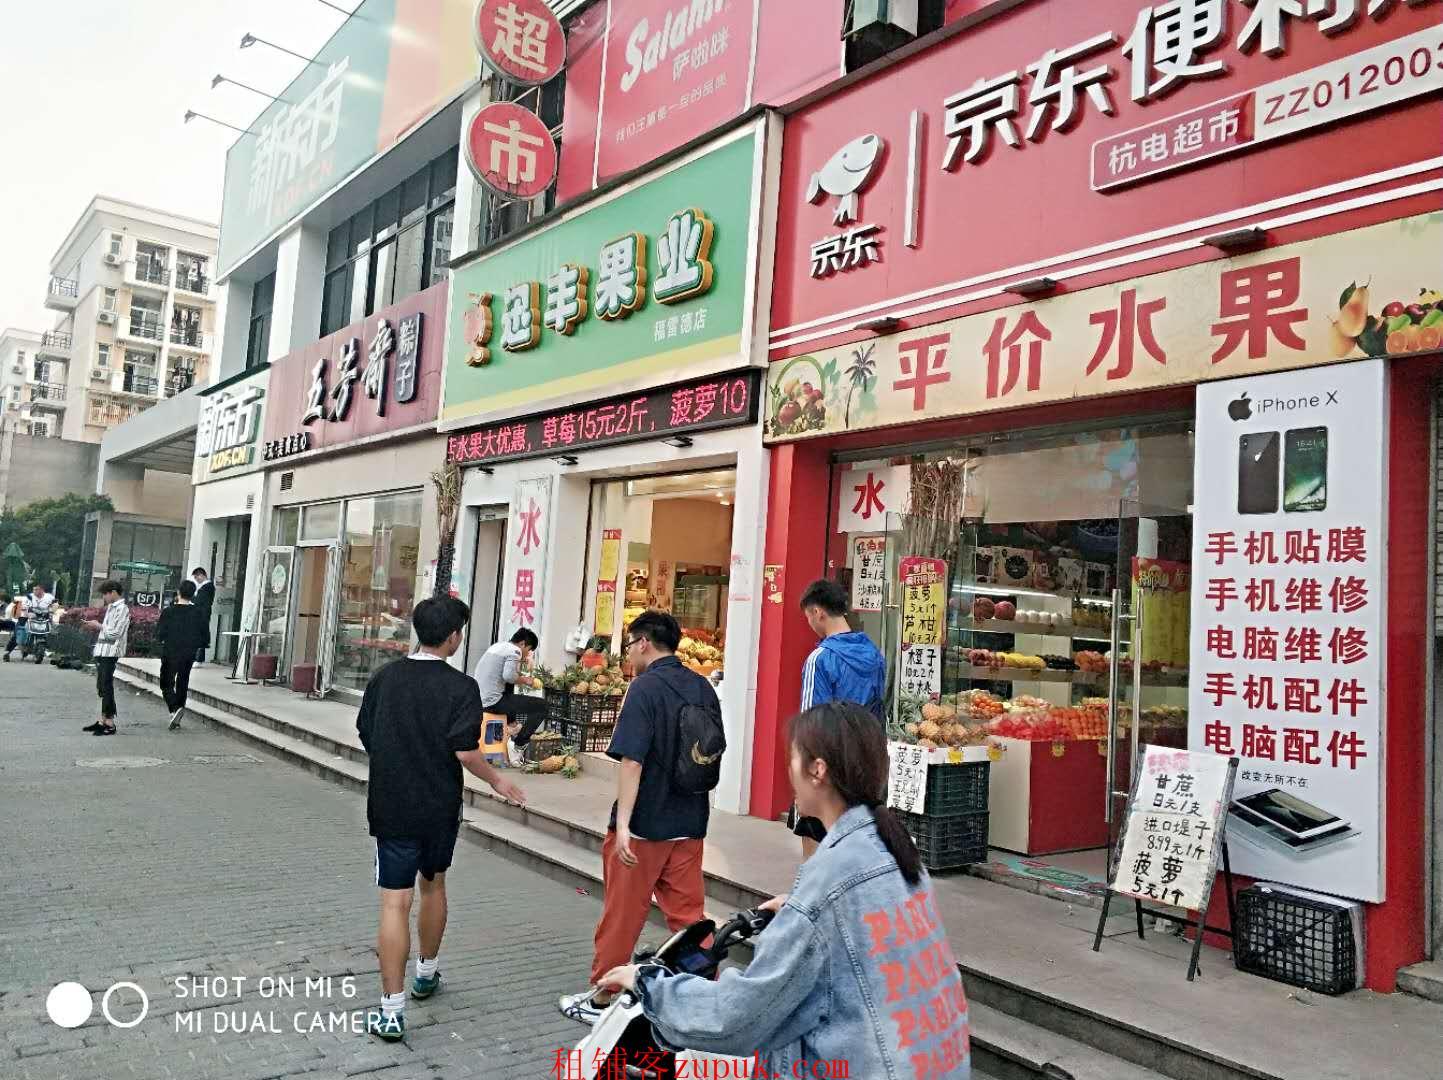 (出租) 龙翔路地铁站西湖银泰博优美食城旺铺出租带天然气